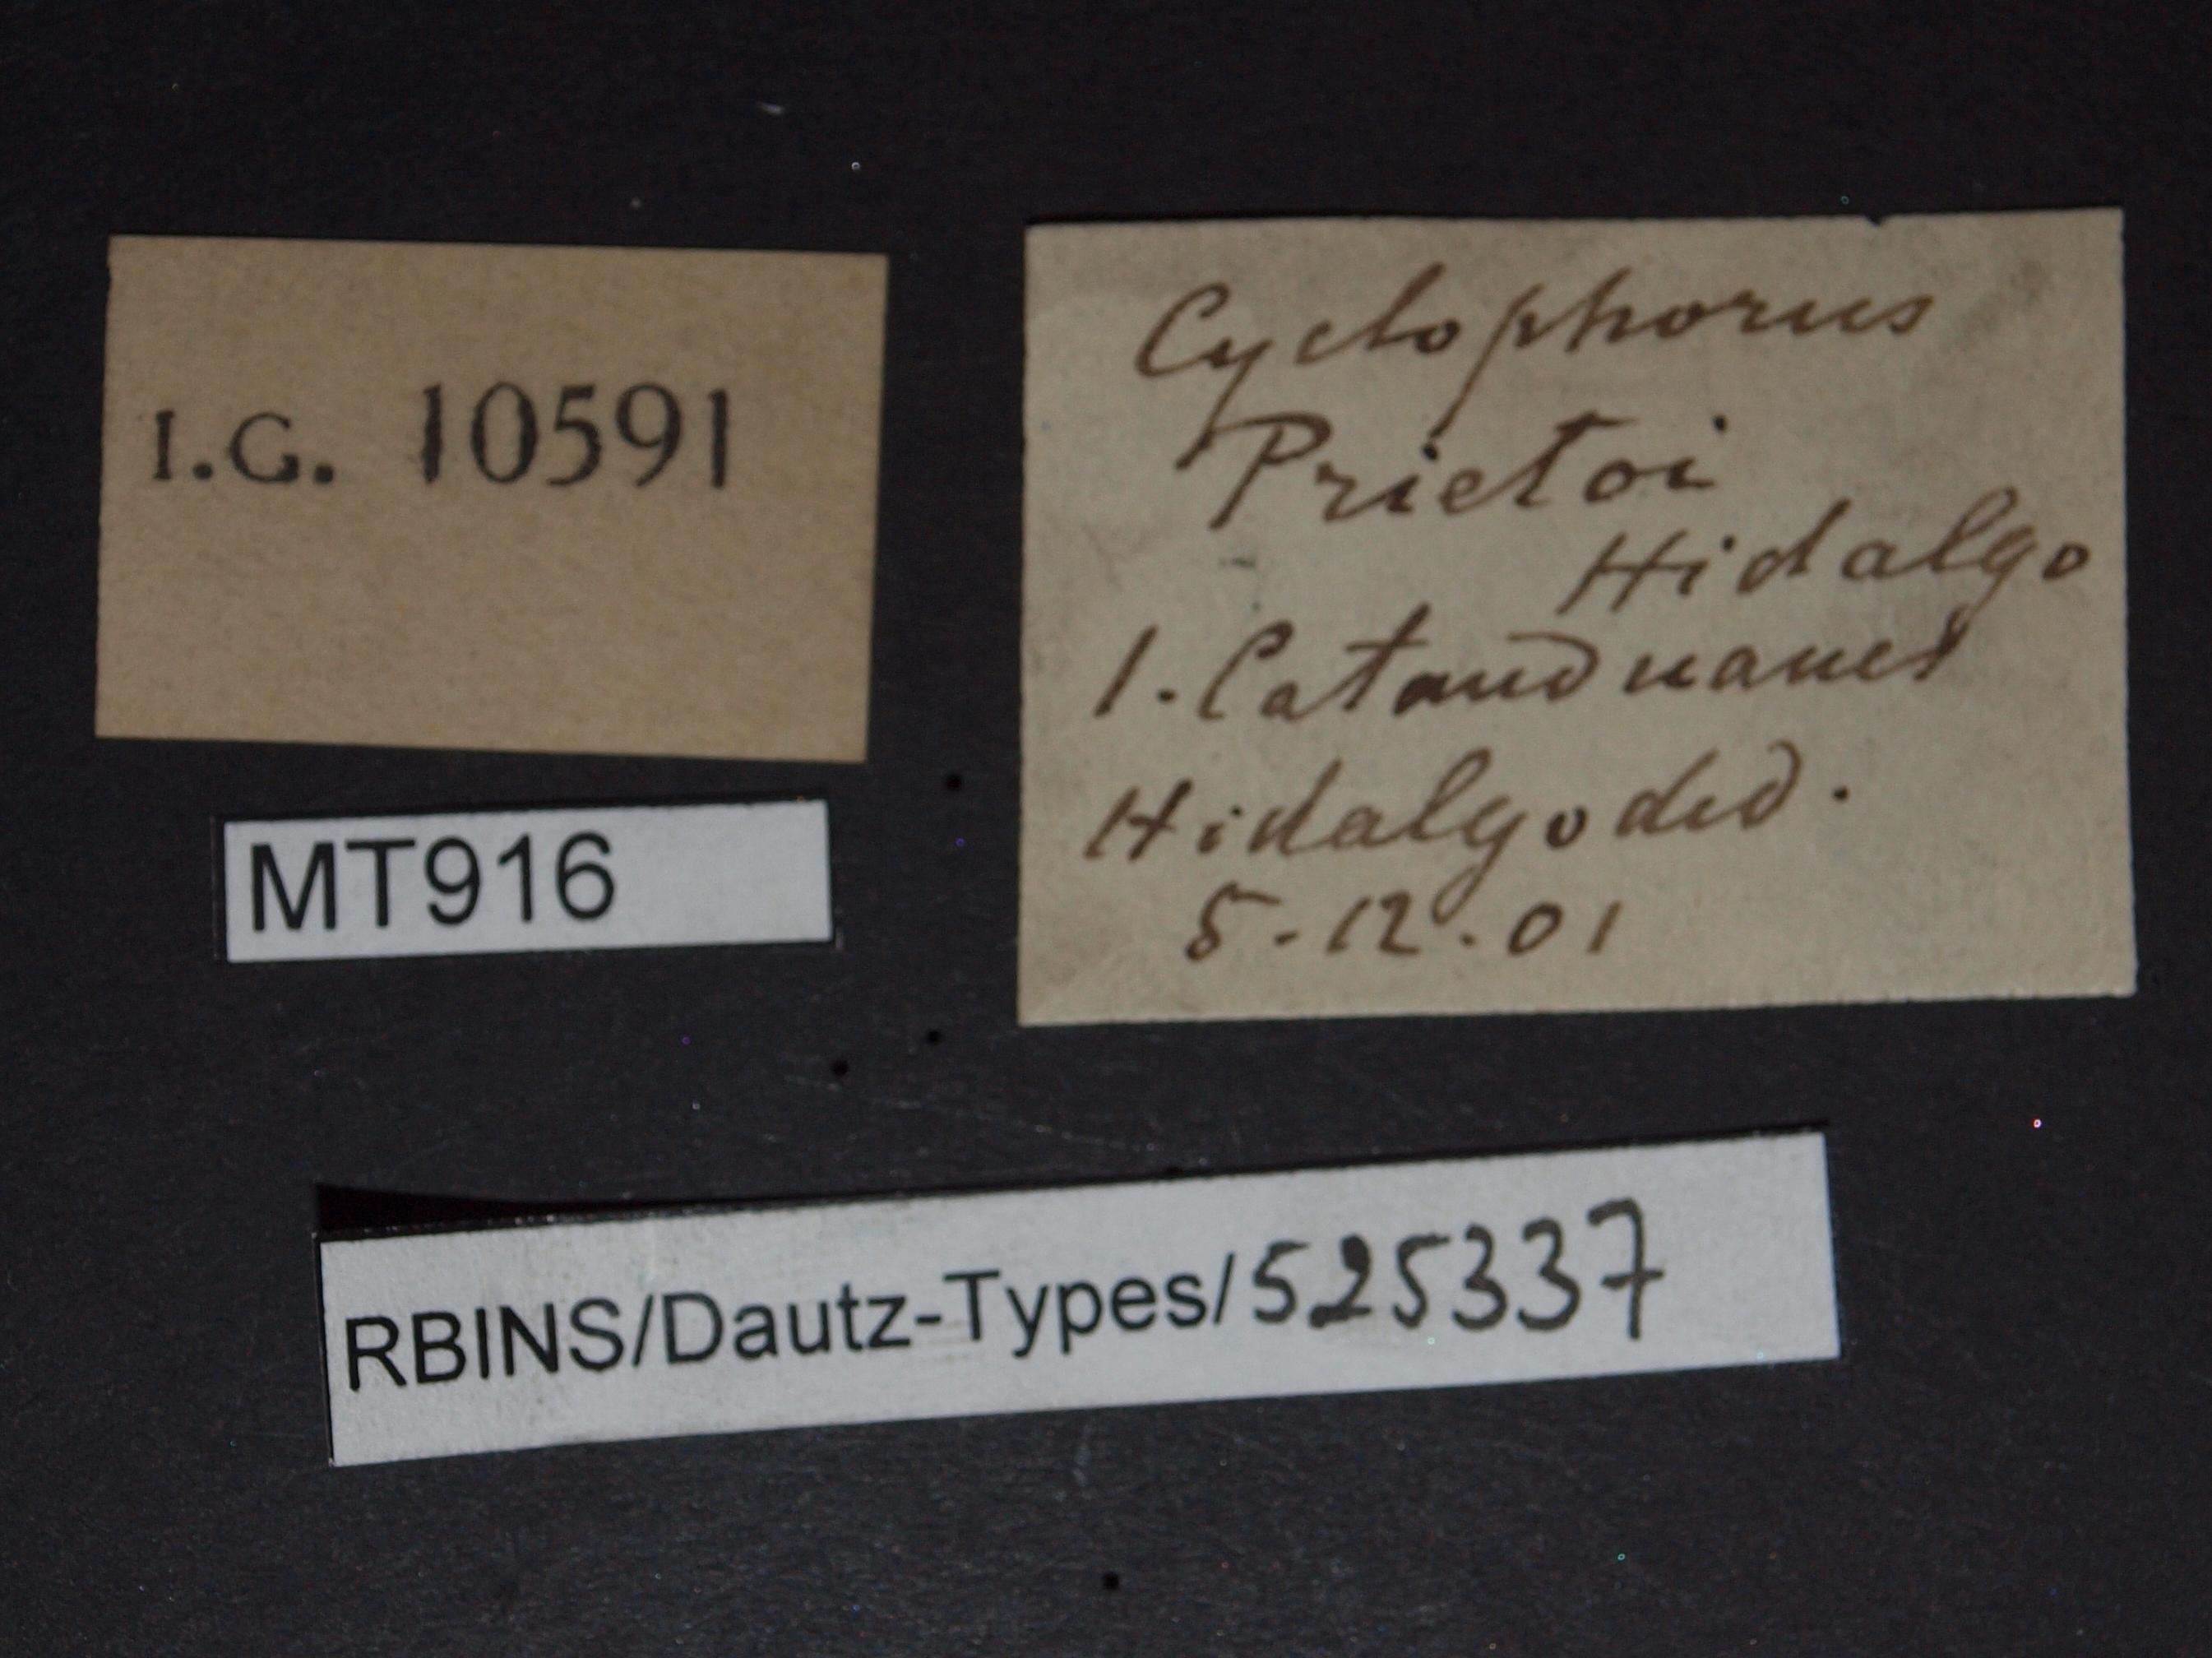 Cyclophorus prietoi pt.JPG